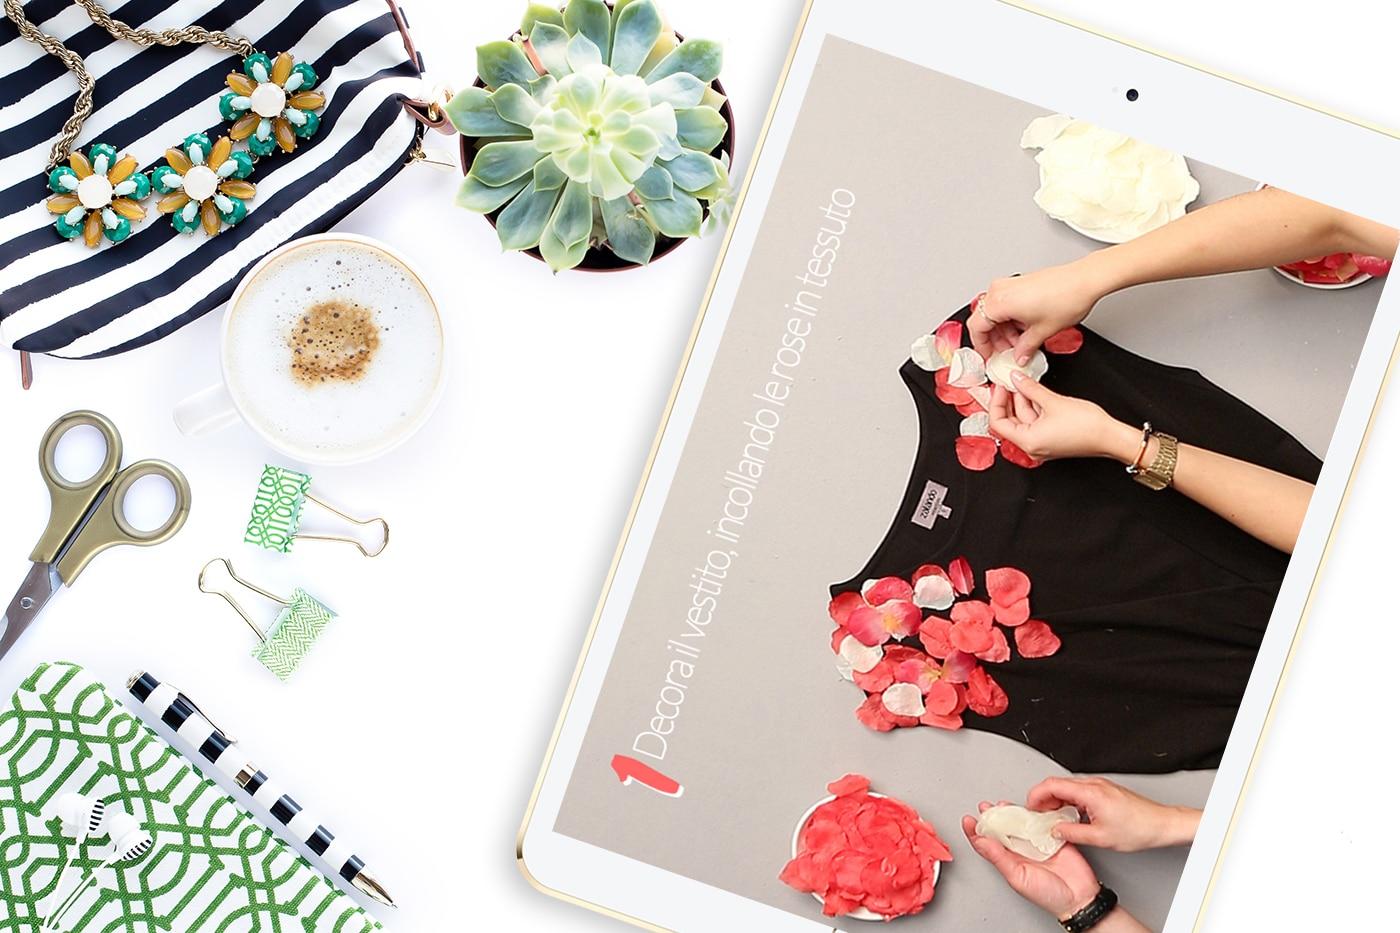 Zalando DIY: come decorare una abito con rose in 3D (tutorial)